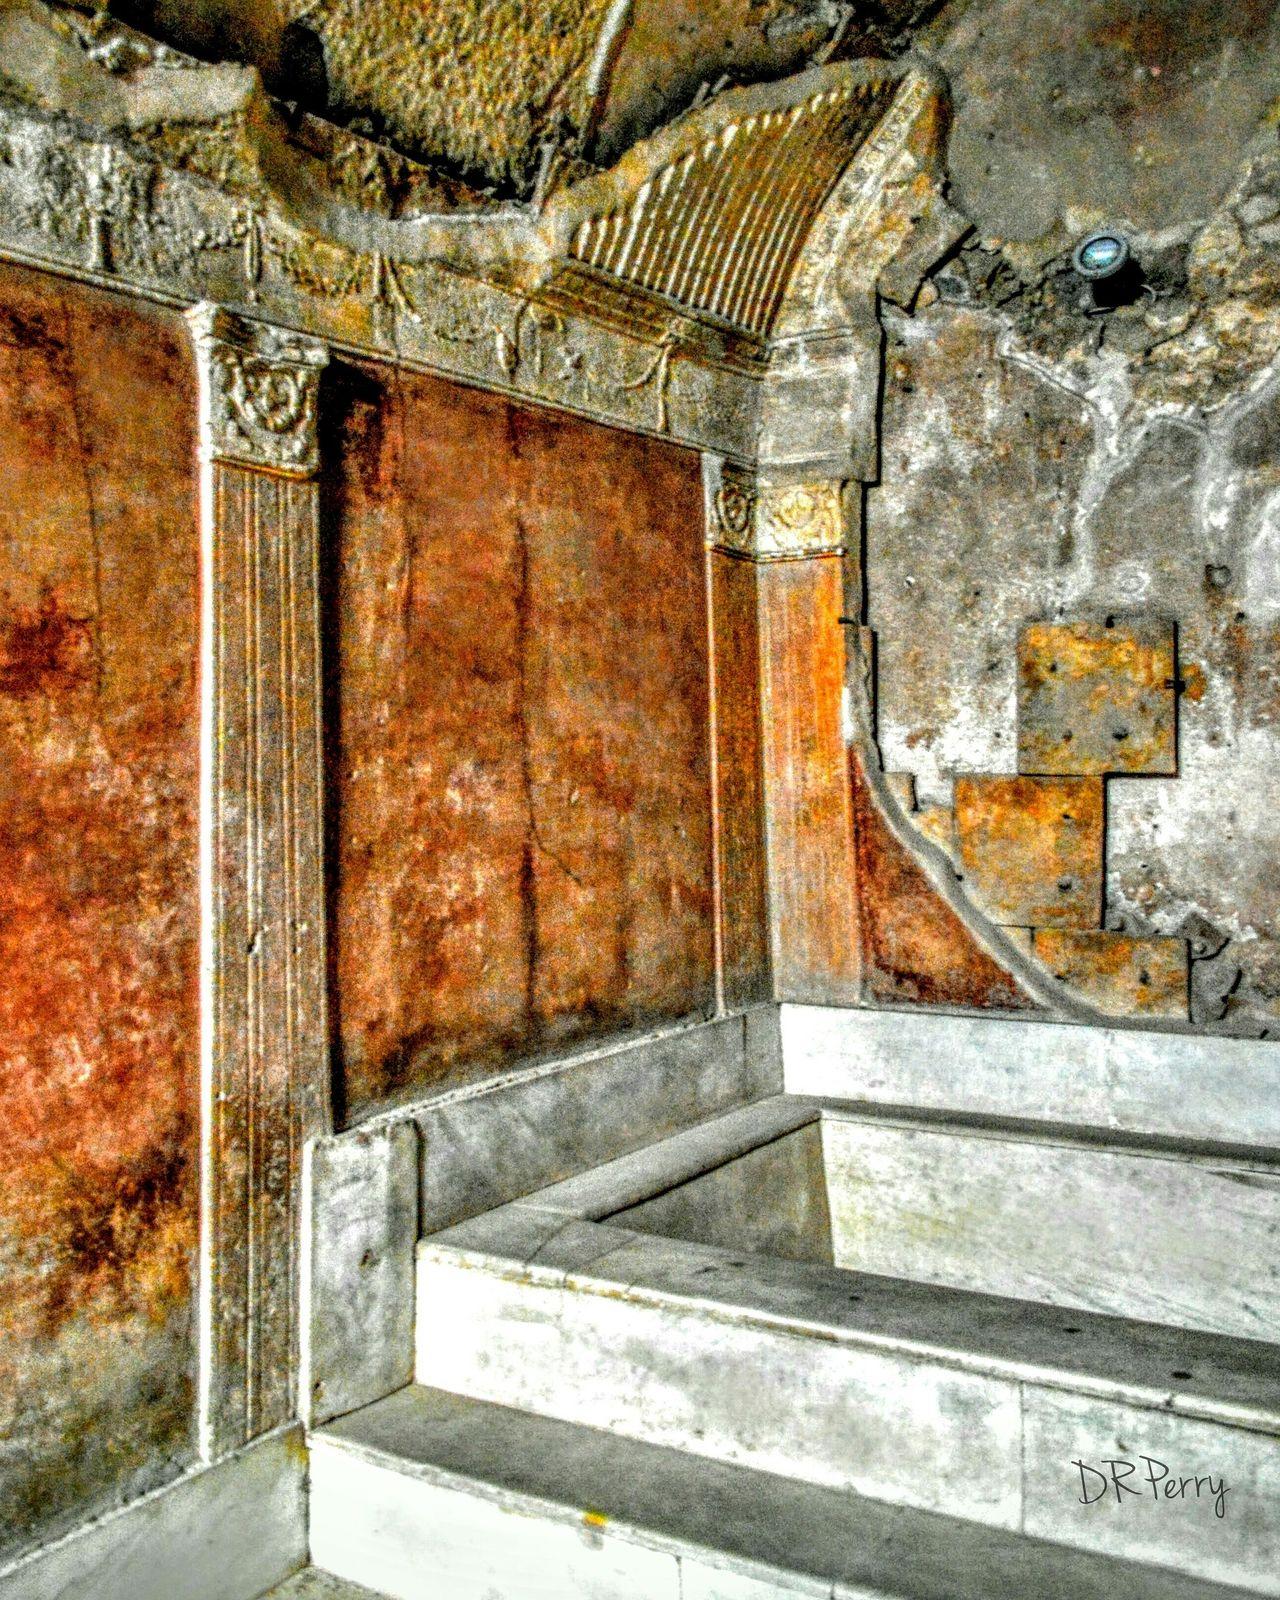 Pompéi Bath Ancient Civilization Ancient Ancient City Ancient Culture Ruins Europe Excavation Ancientrome Italia Italy Romanarchitecture Scavi